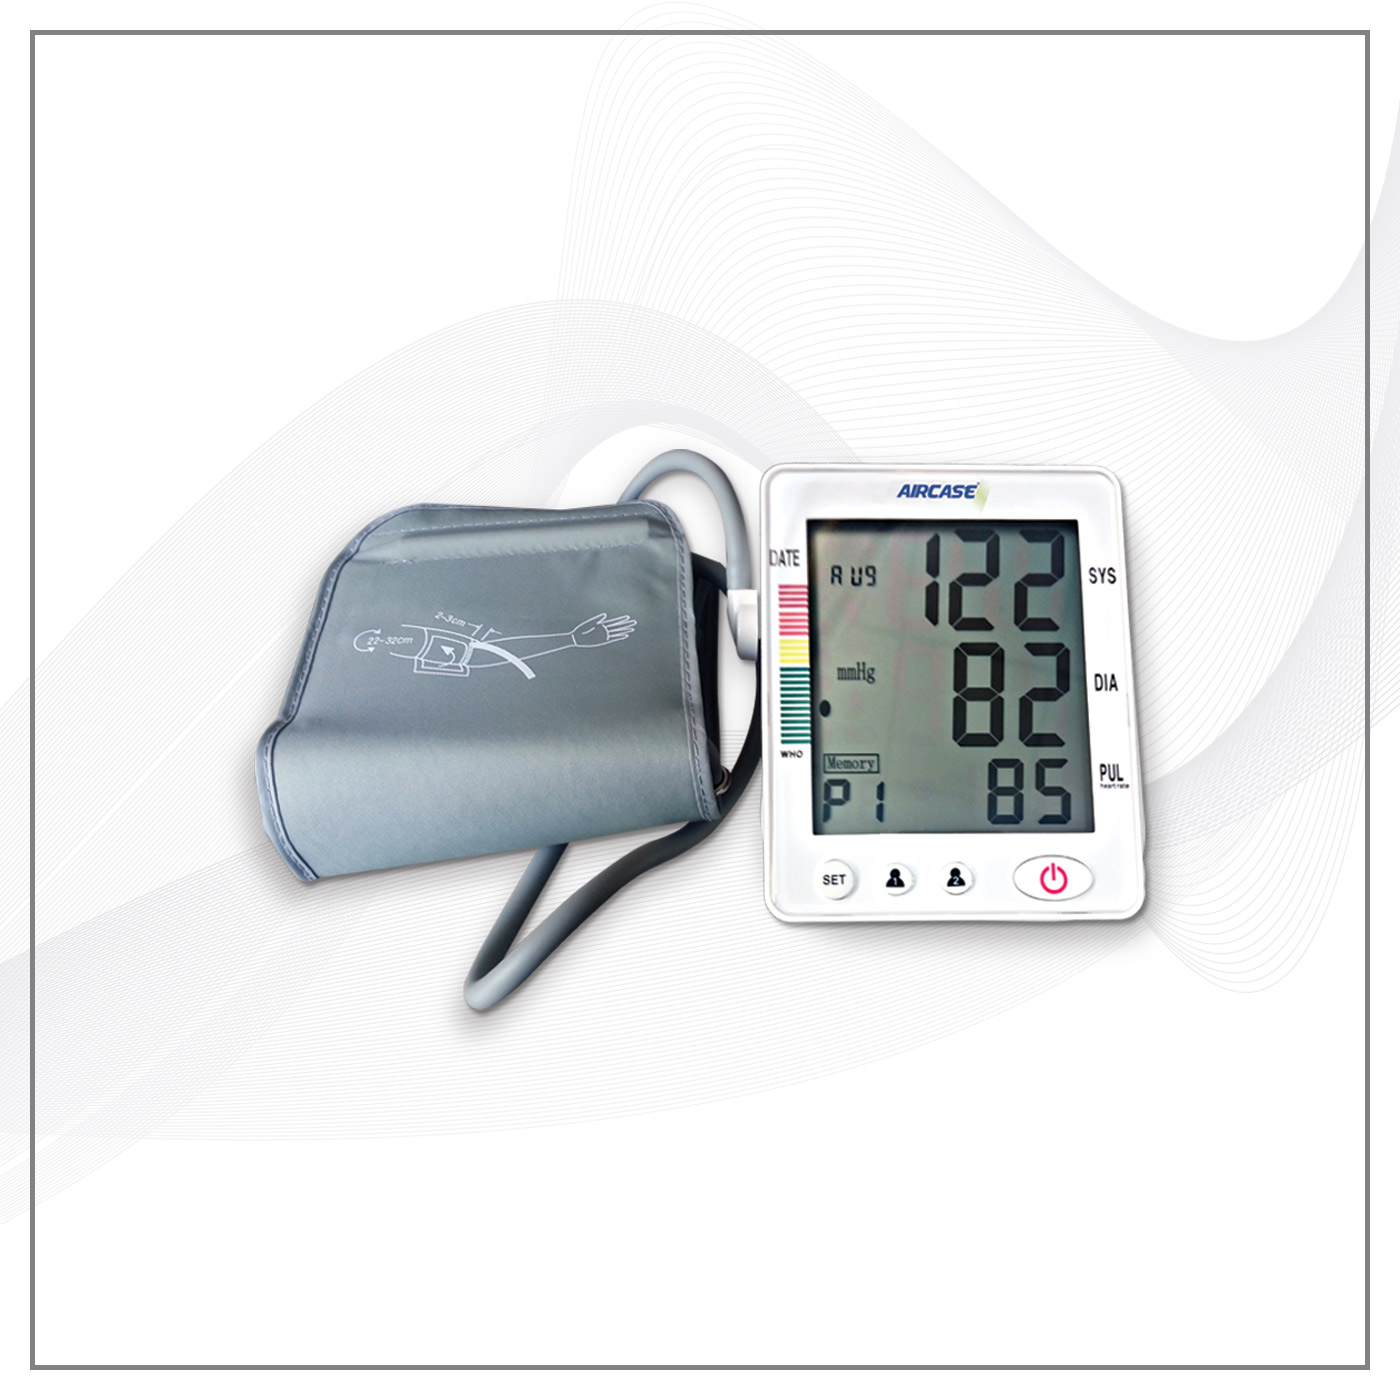 Abc Tıp Sağlık Elektronik Cihazlar ve Hatane Ekipmanları AC 302